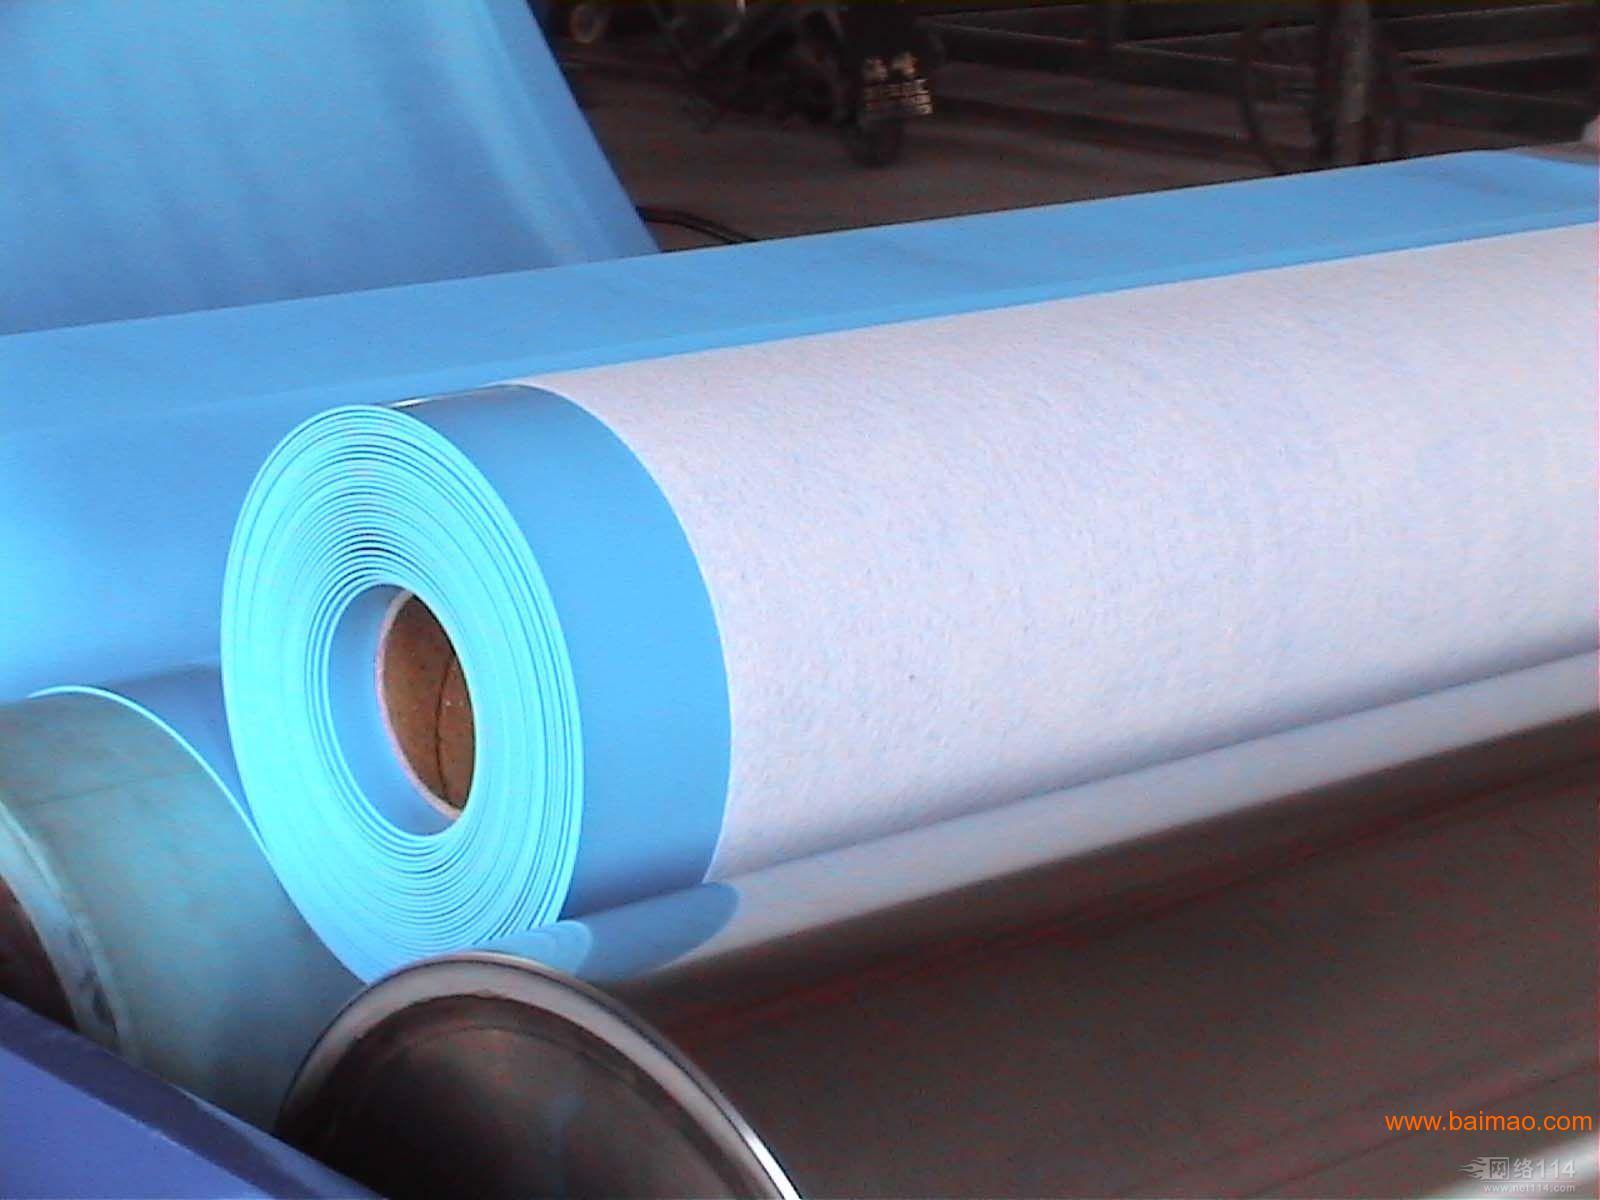 为您推荐东凤防水材料公司质量好的塑体性改性沥青防水卷材 沥青防